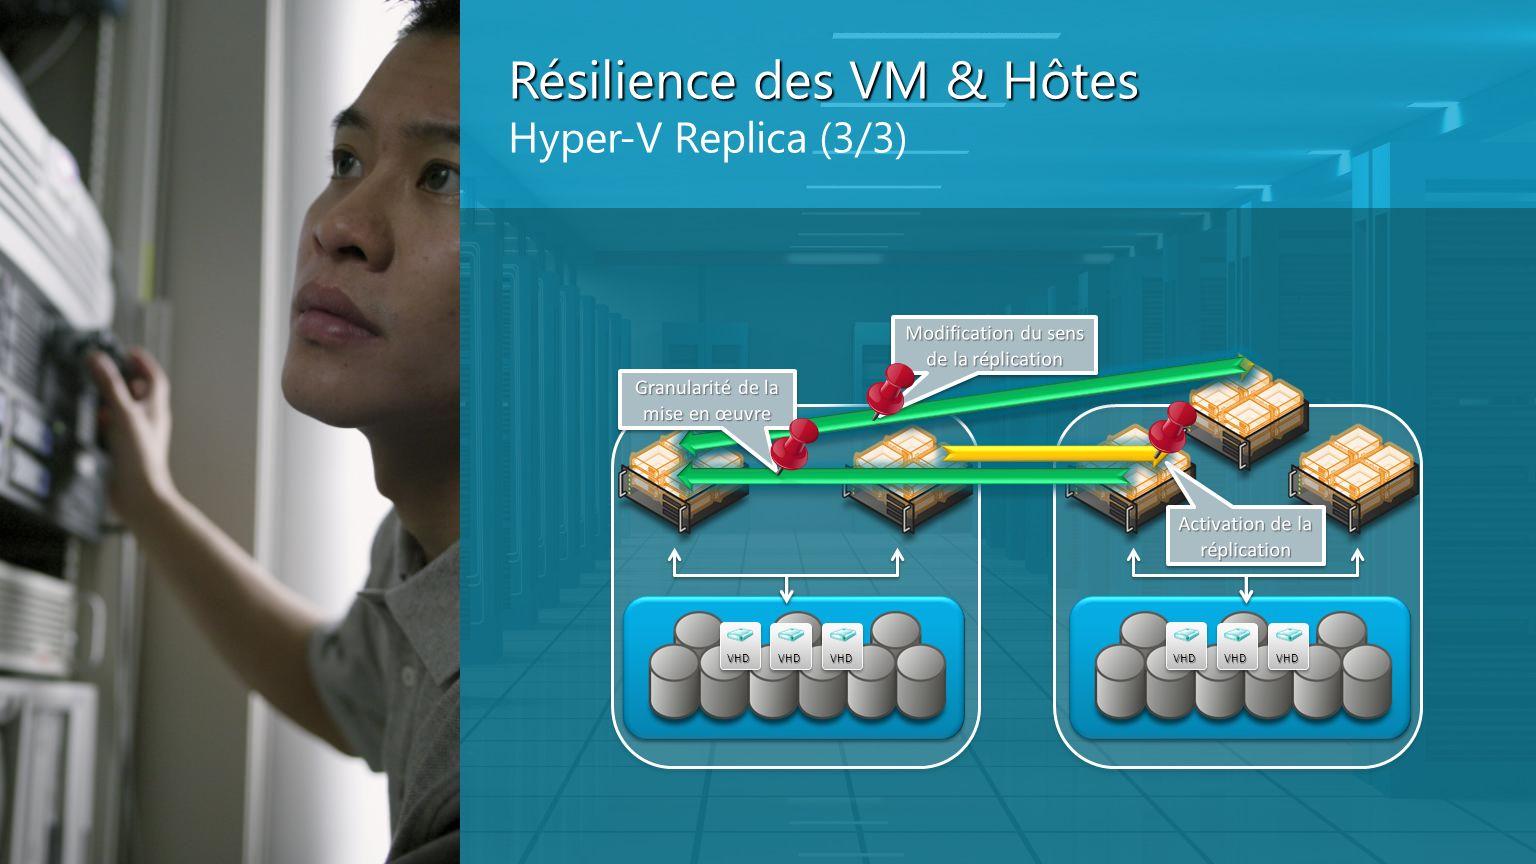 Résilience des VM & Hôtes Hyper-V Replica (3/3)VHD VHDVHD VHD VHDVHD